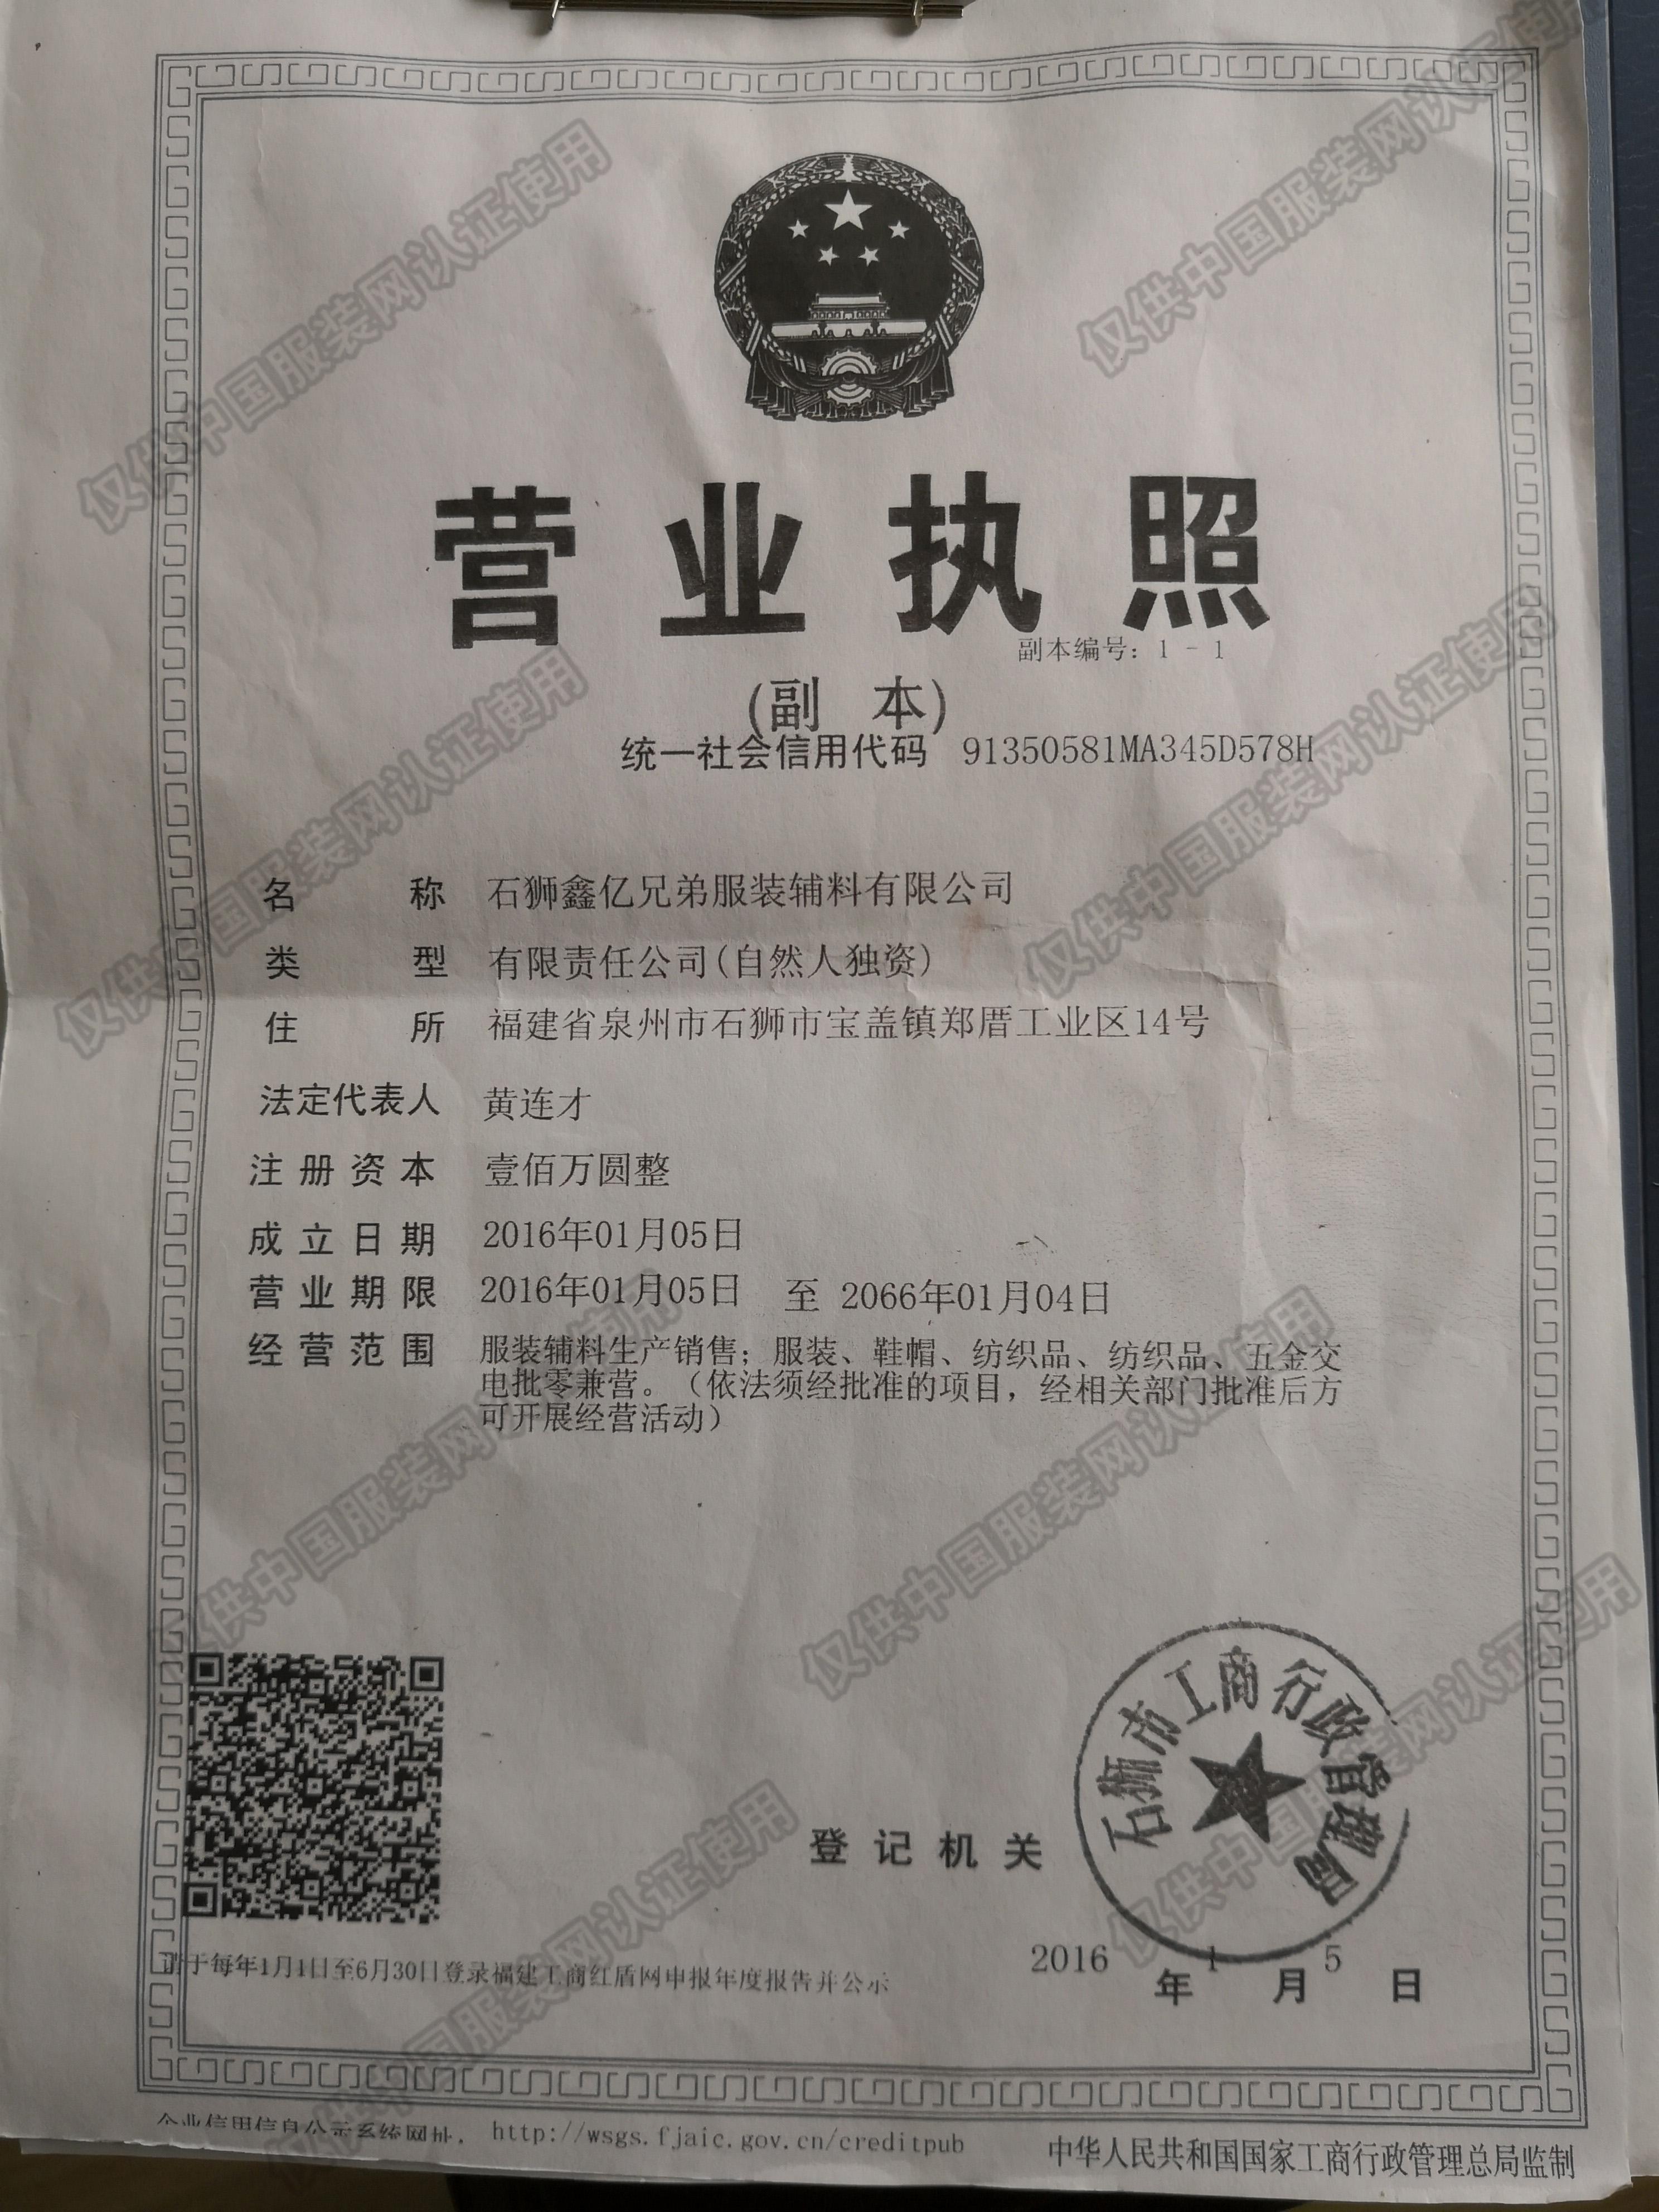 石狮鑫亿兄弟服装辅料有限公司企业档案